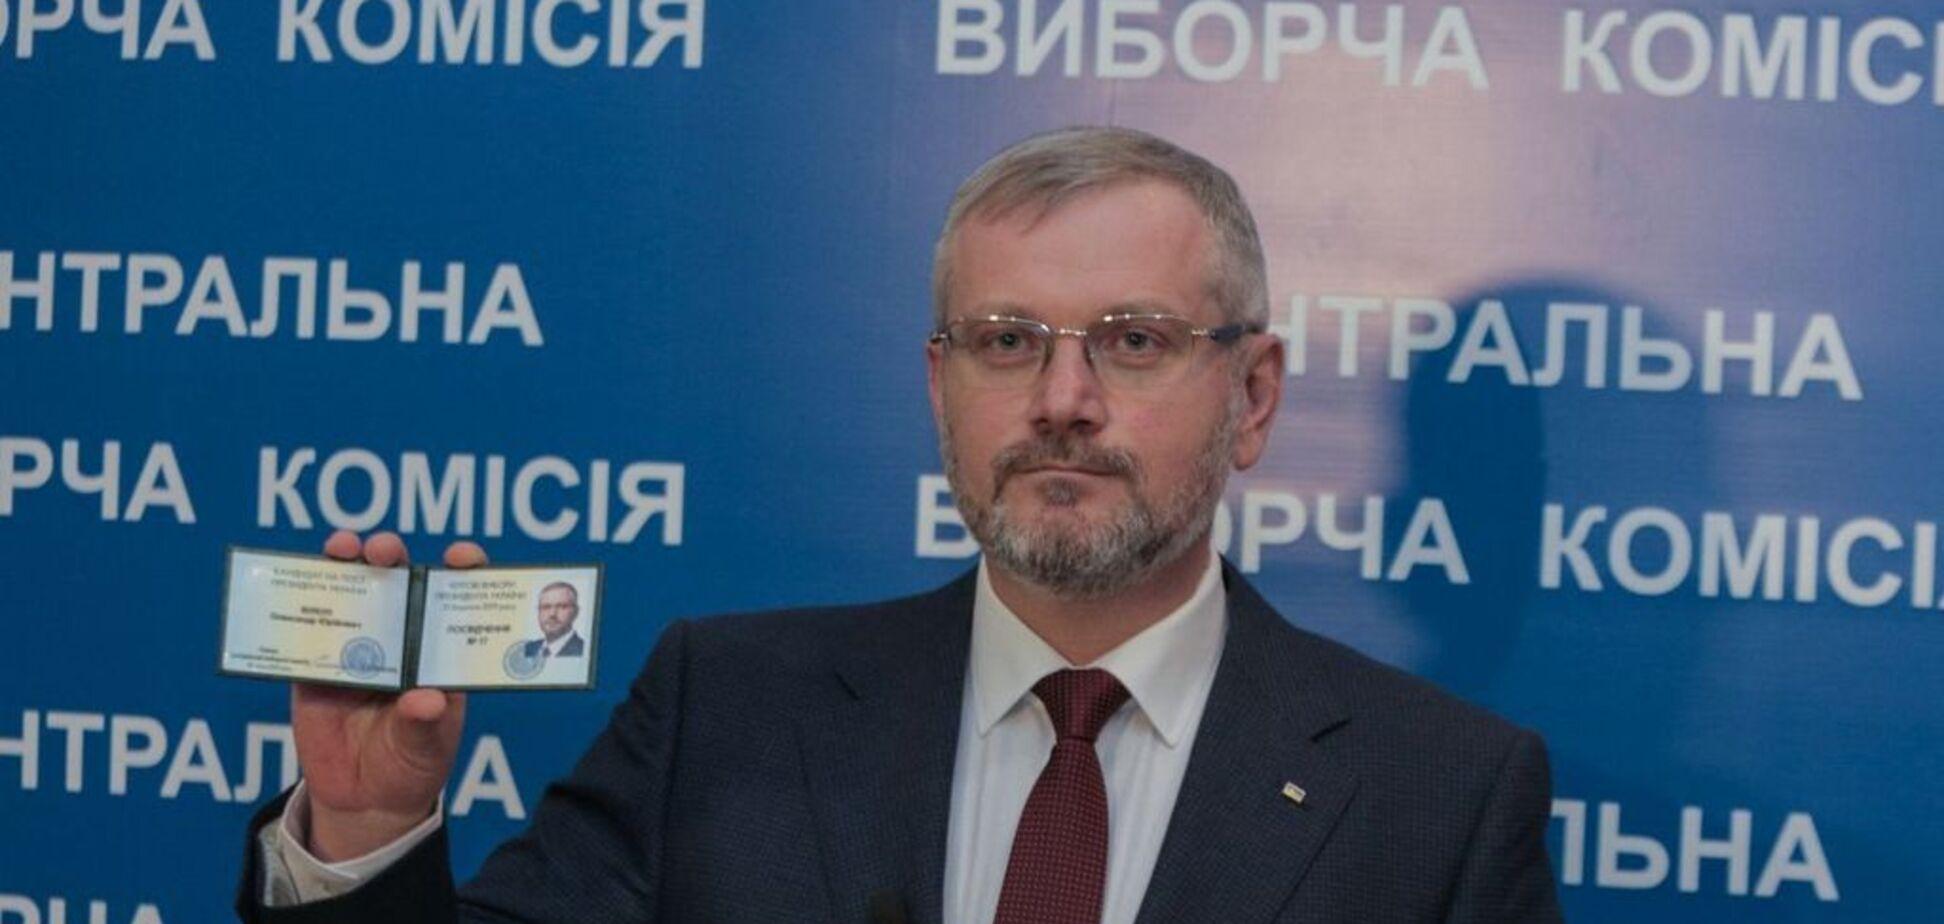 ЦВК зареєструвала Вілкула кандидатом у президенти України